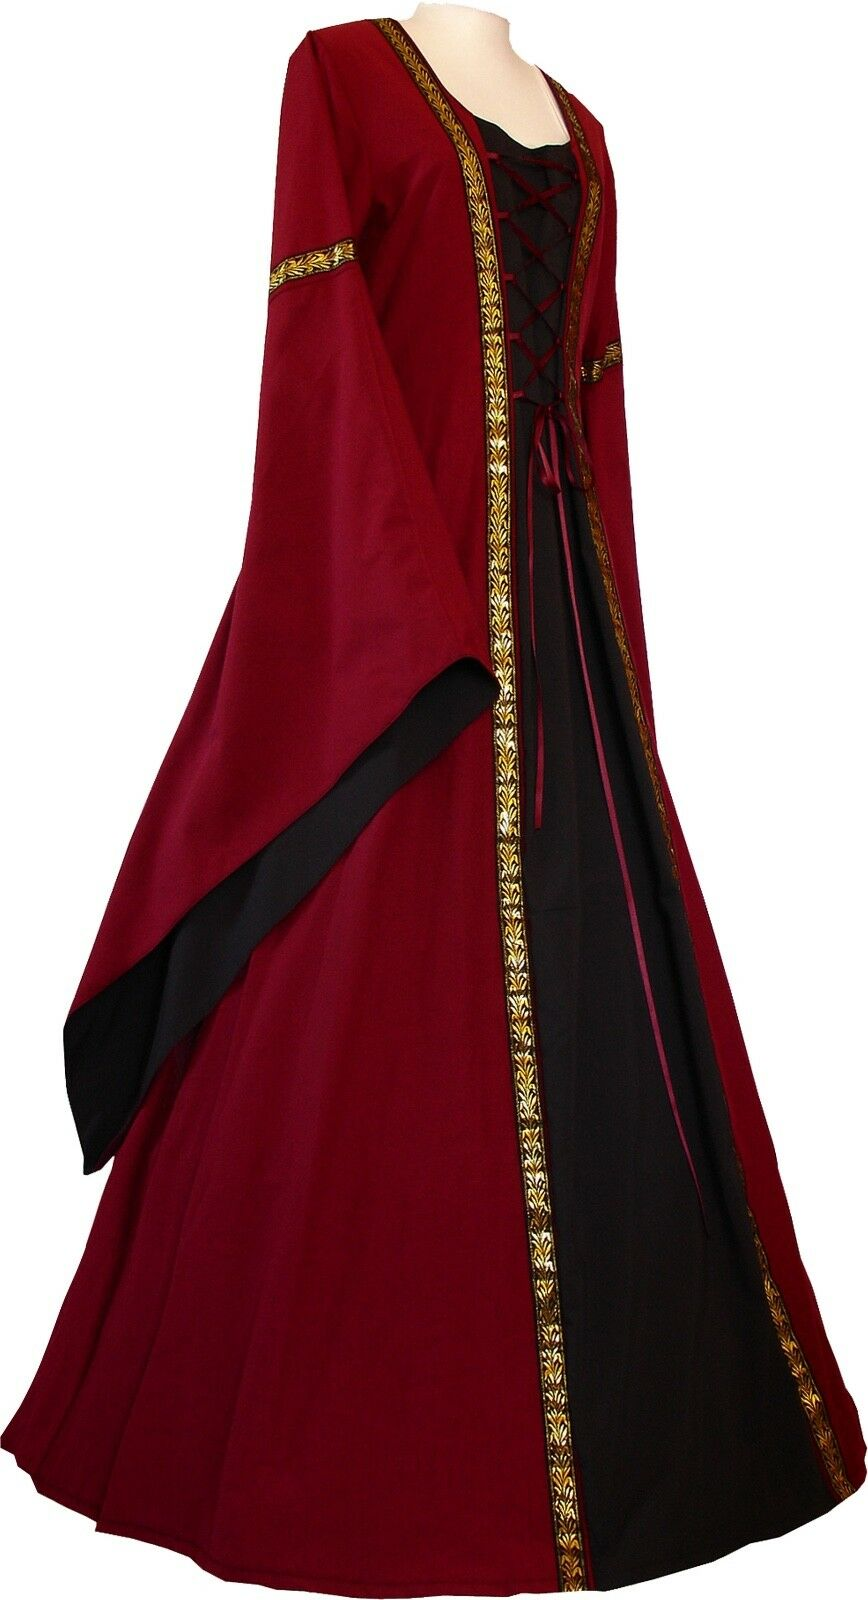 Mittelalter Karneval Gothik Gewand Kleid Kleid Kleid Kostüm Robe Anna Bordeaux-Schwarz XS-60     | Sale  | Sonderpreis  | Outlet Store Online  | Grüne, neue Technologie  | Modisch  9e12b9